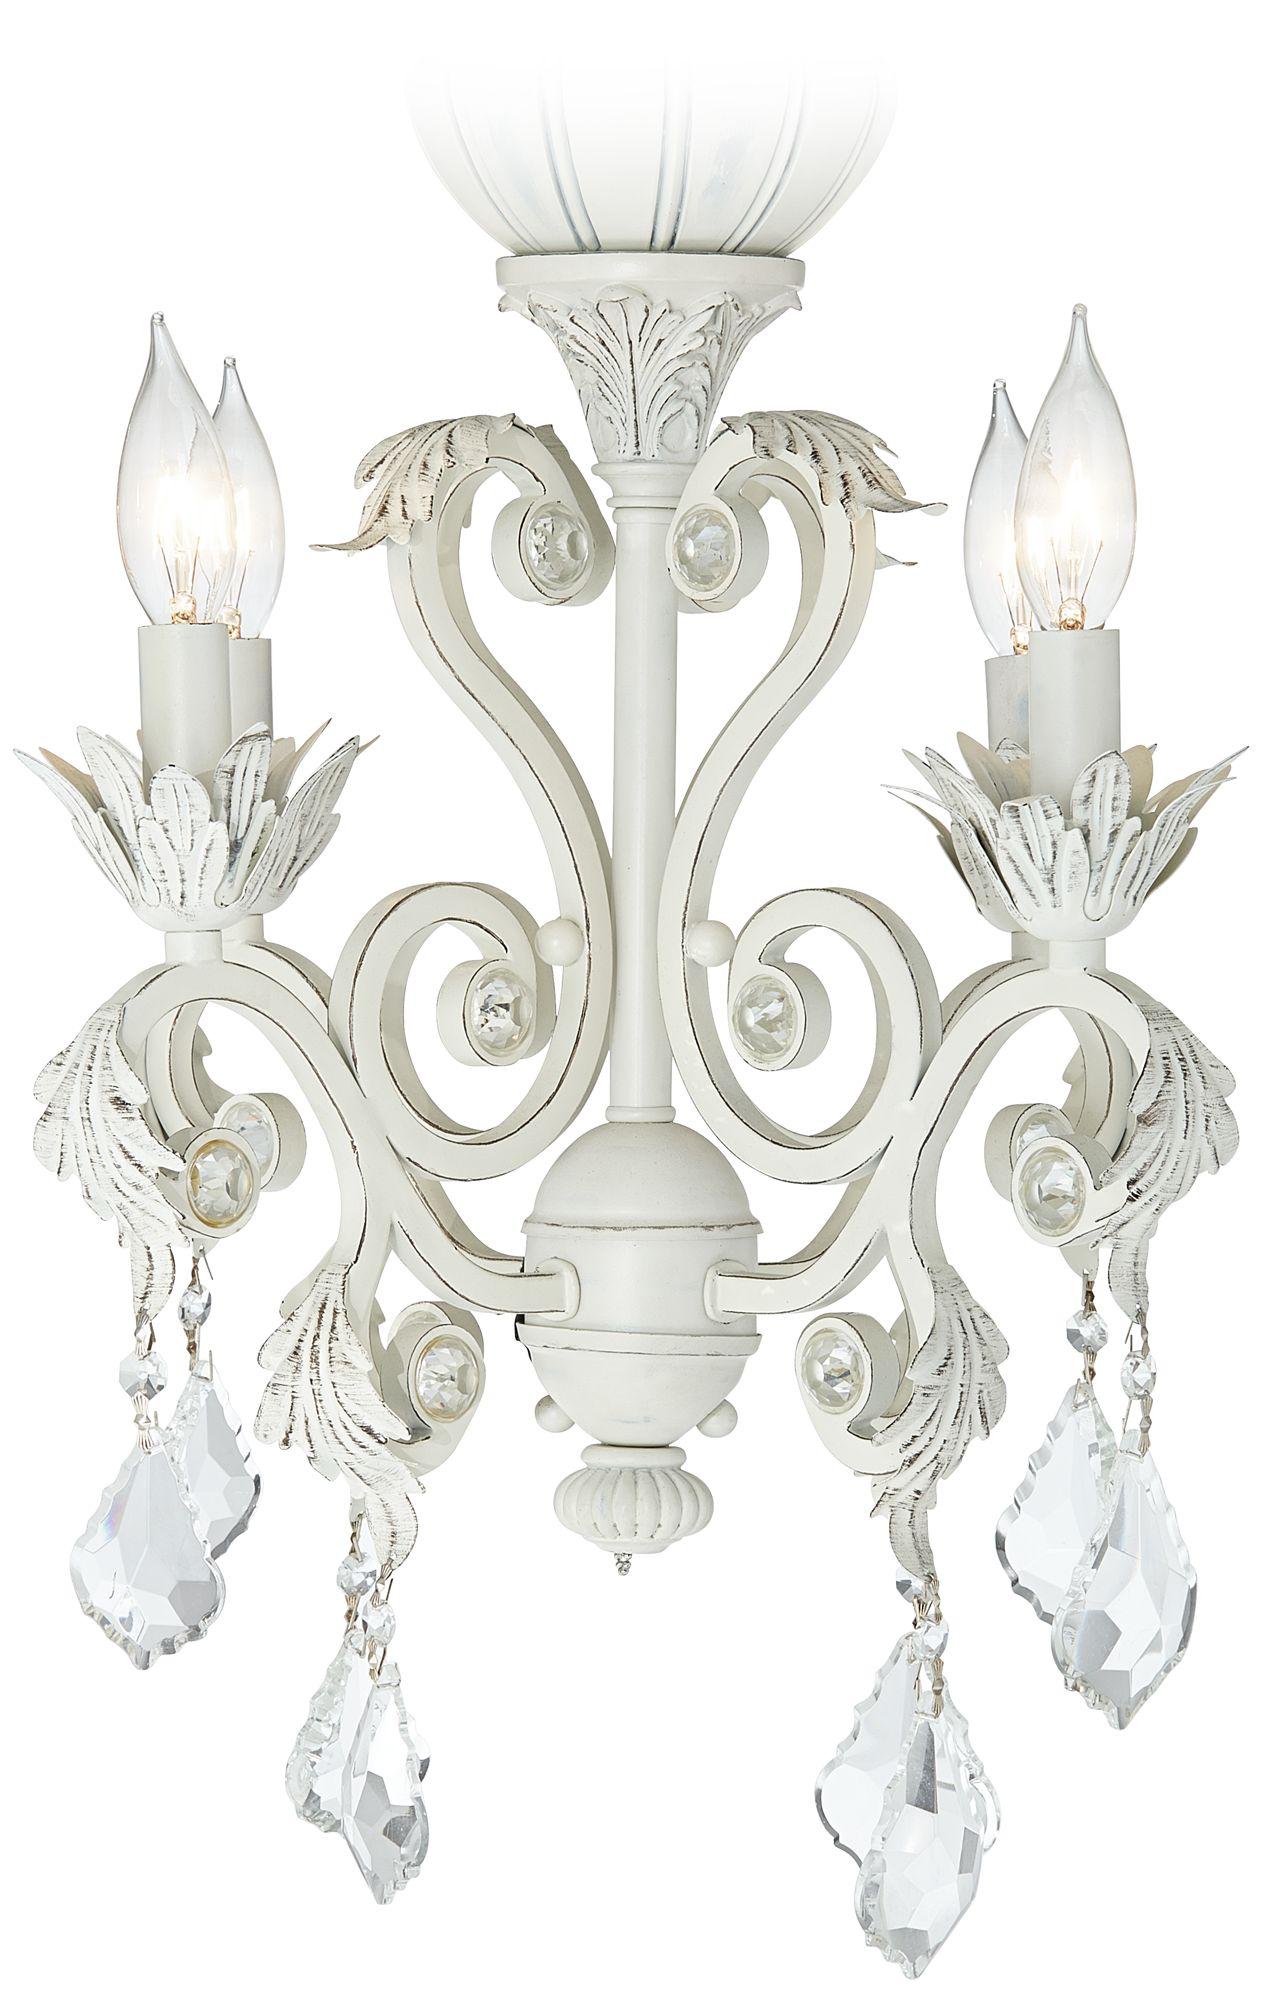 Chandelier Ceiling Fan Simple Home Design Gallery Modern Dream